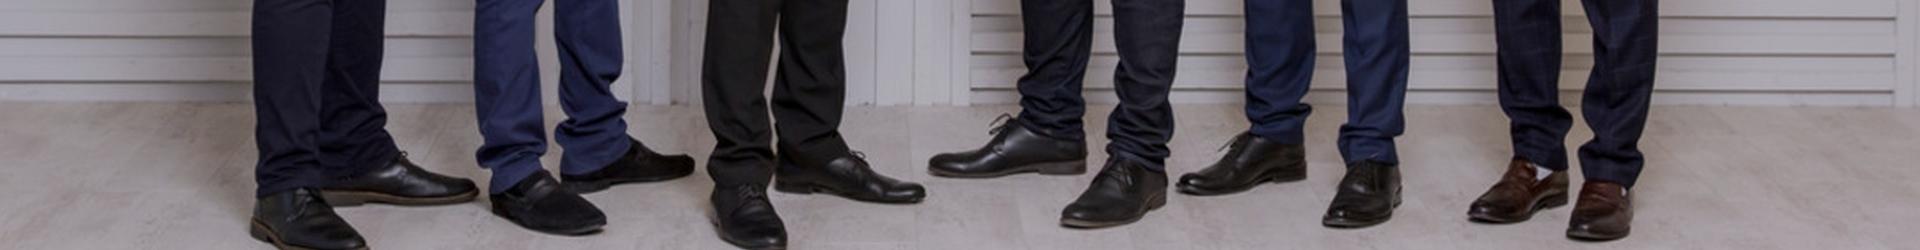 Collezione calzature per uomo qualità made in italy